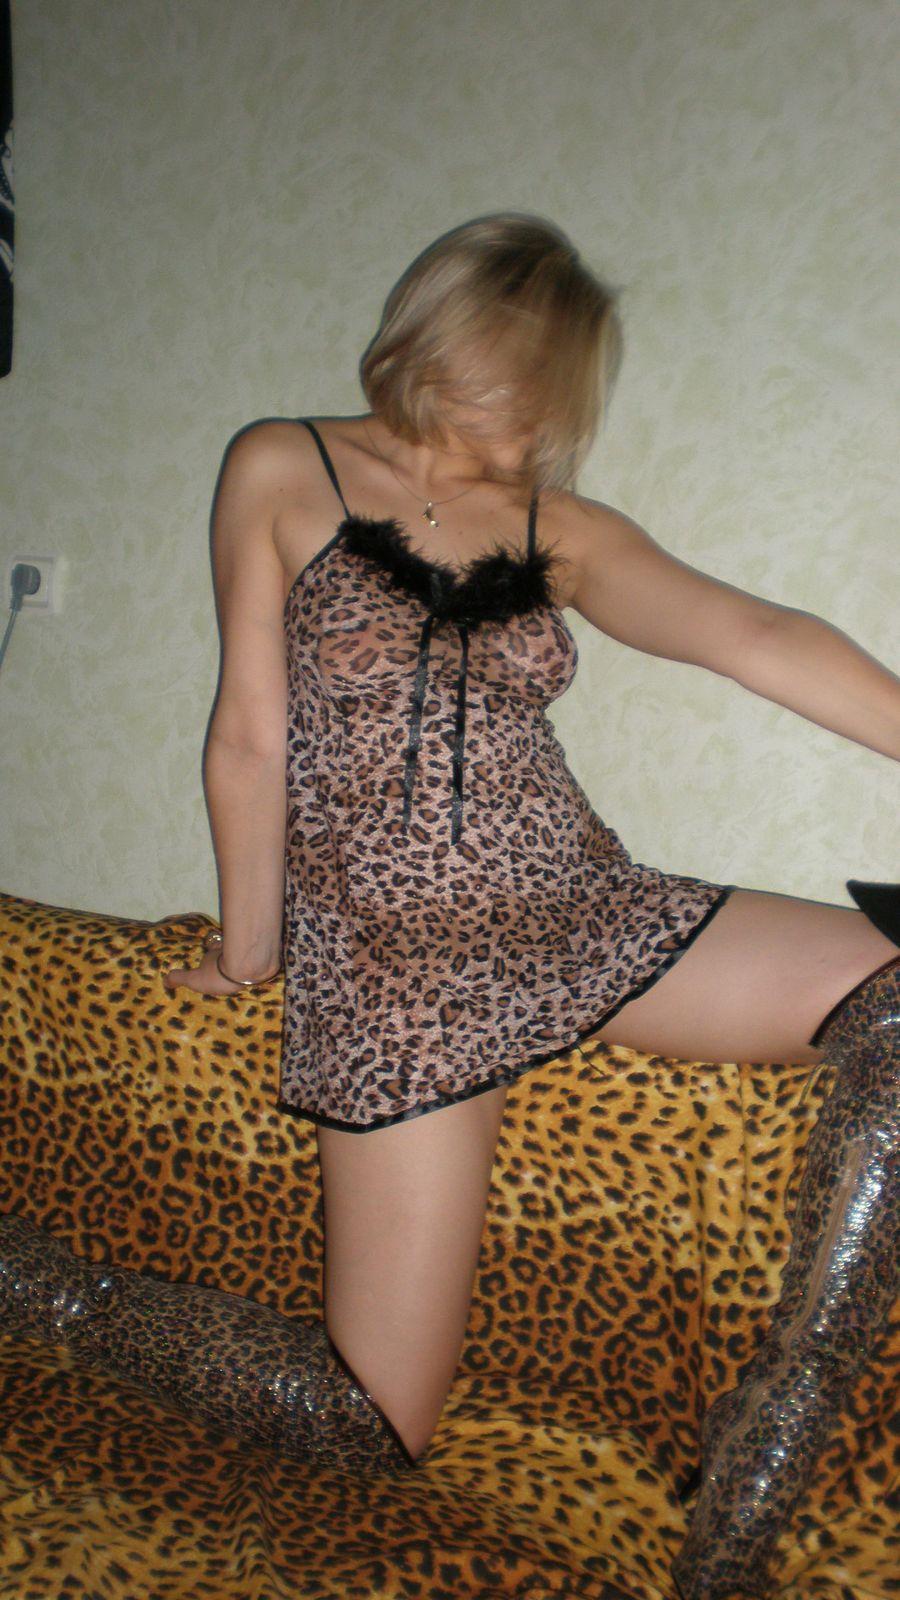 Ξανθιά έκφυλη καύλα, ποζάρει φορώντας καυτά εσώρουχα και γυμνή! Koursaros 044